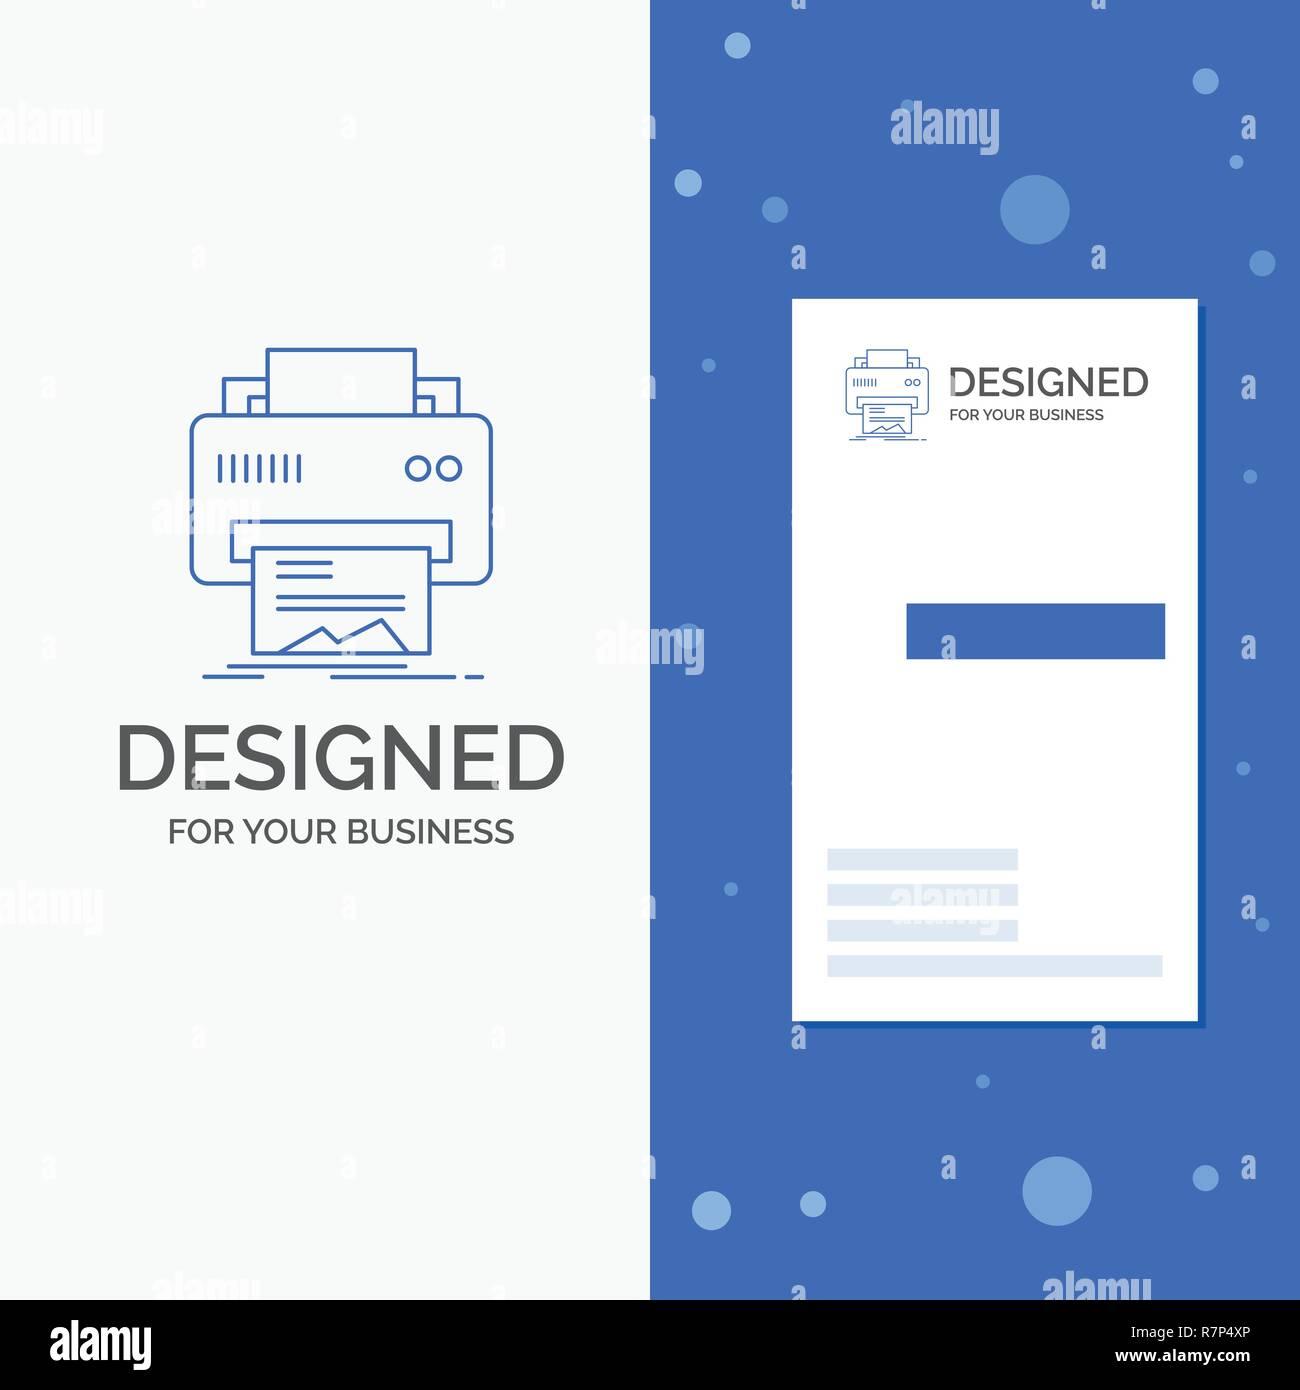 Logo Dentreprise Pour Le Numerique Imprimante Impression Materiel Papier Bleu Vertical Affaires Modele De Carte Visite